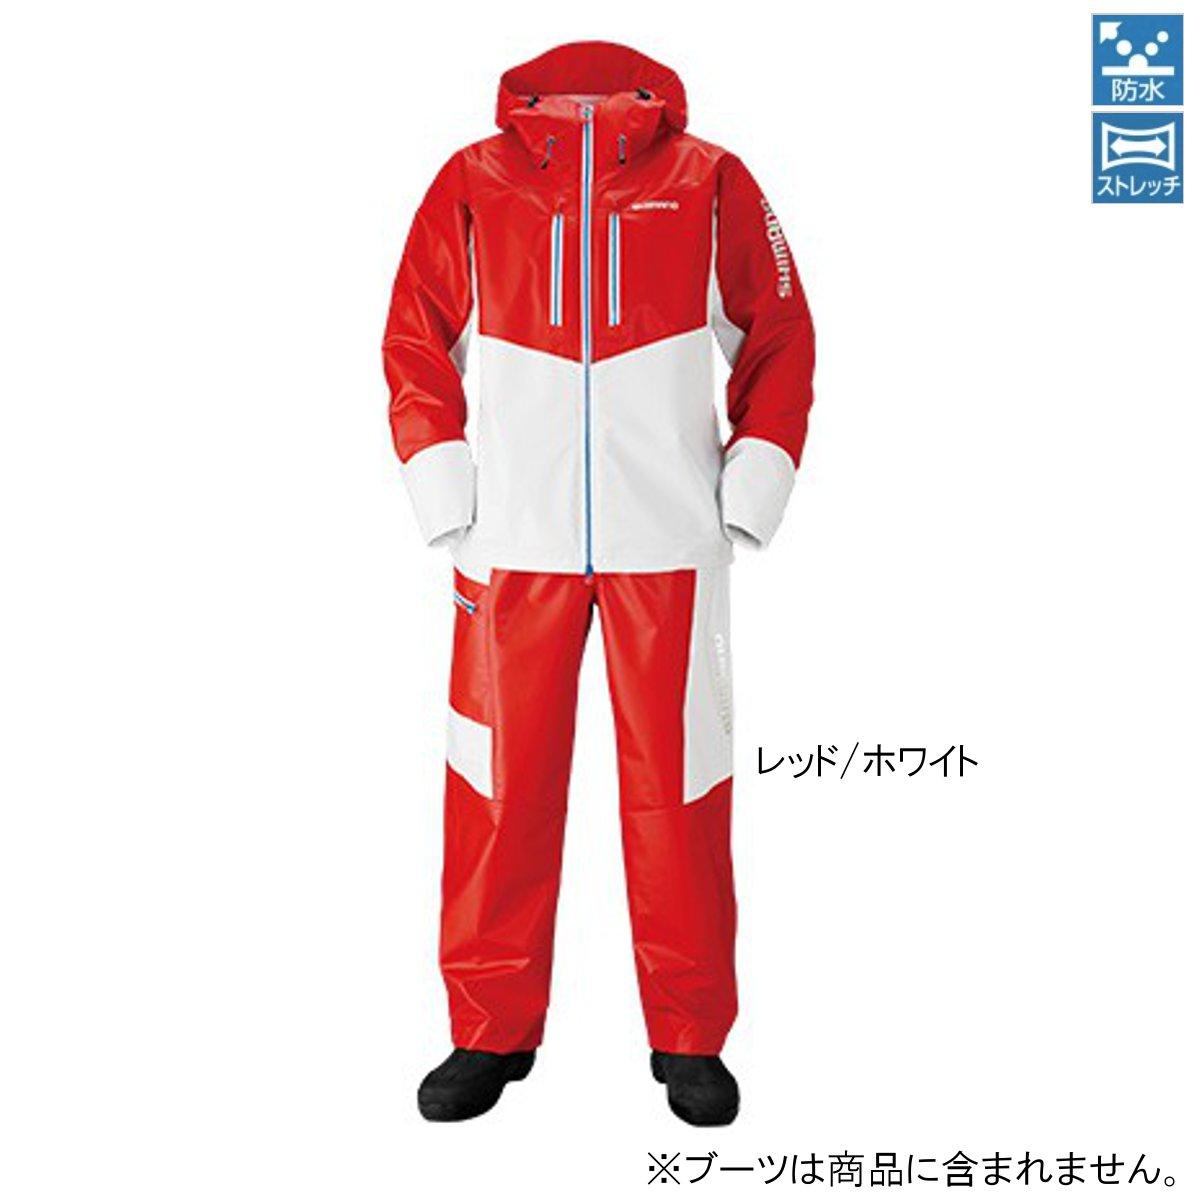 【8/1-2は夏の陣!最大P47倍!】シマノ マリンライトスーツ RA-034N XL レッド/ホワイト(東日本店)